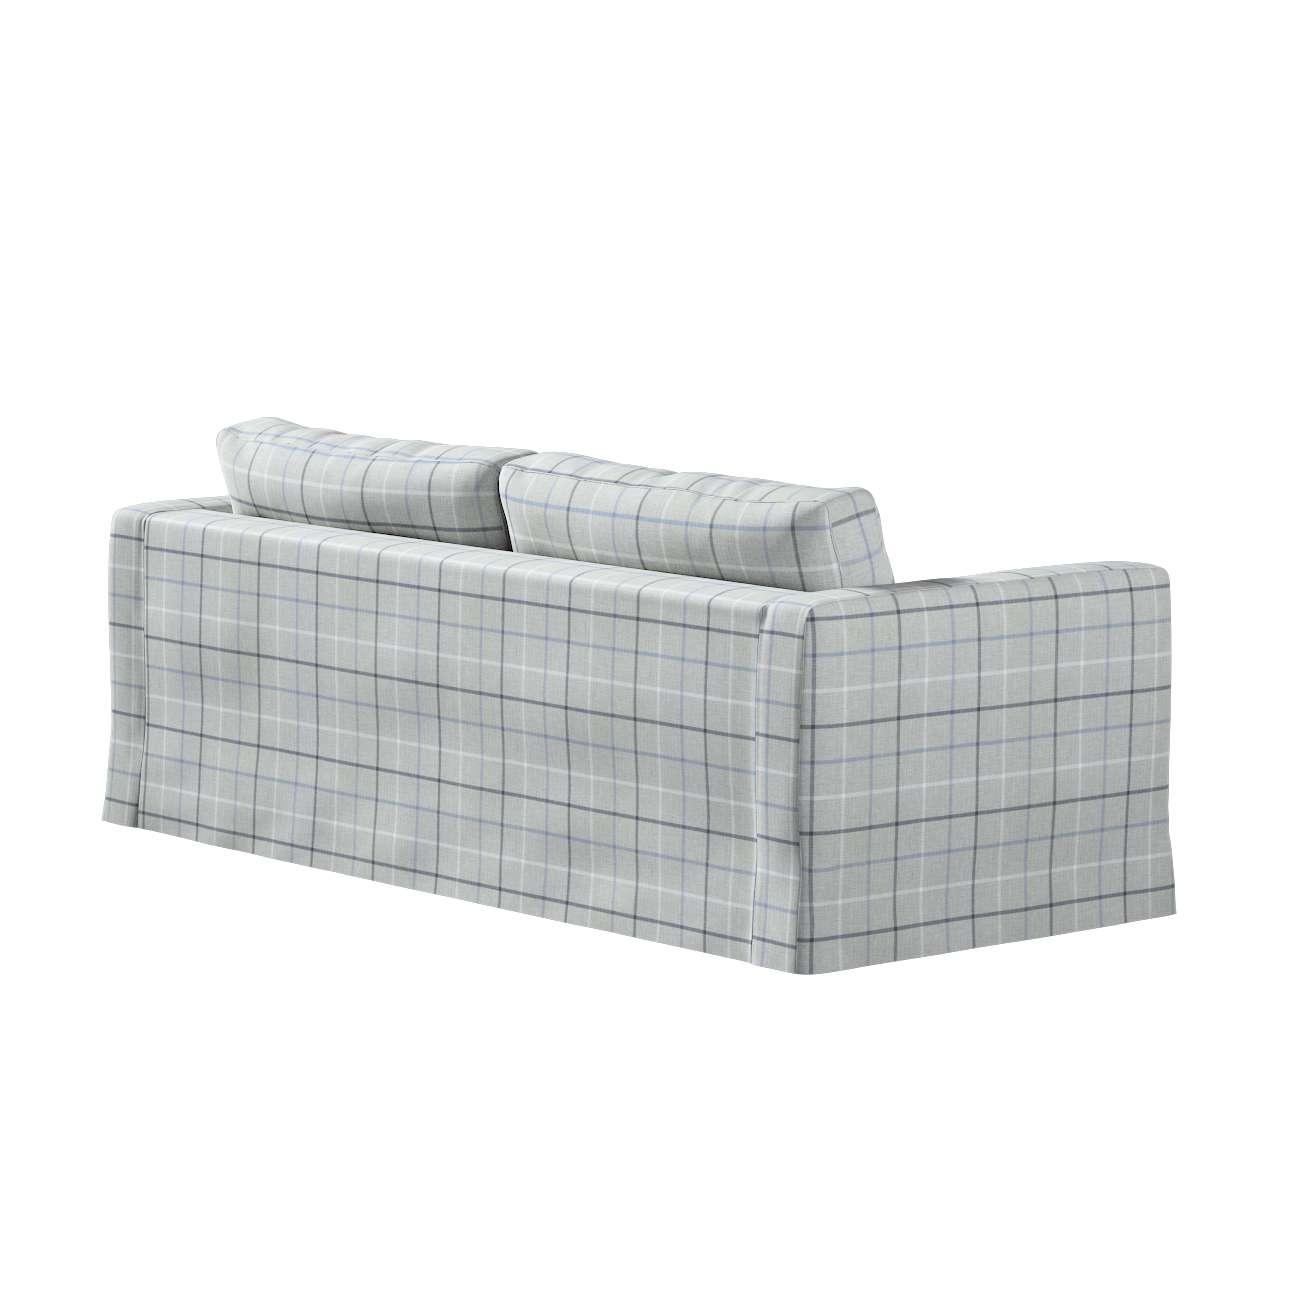 Pokrowiec na sofę Karlstad 3-osobową nierozkładaną, długi w kolekcji Edinburgh, tkanina: 703-18